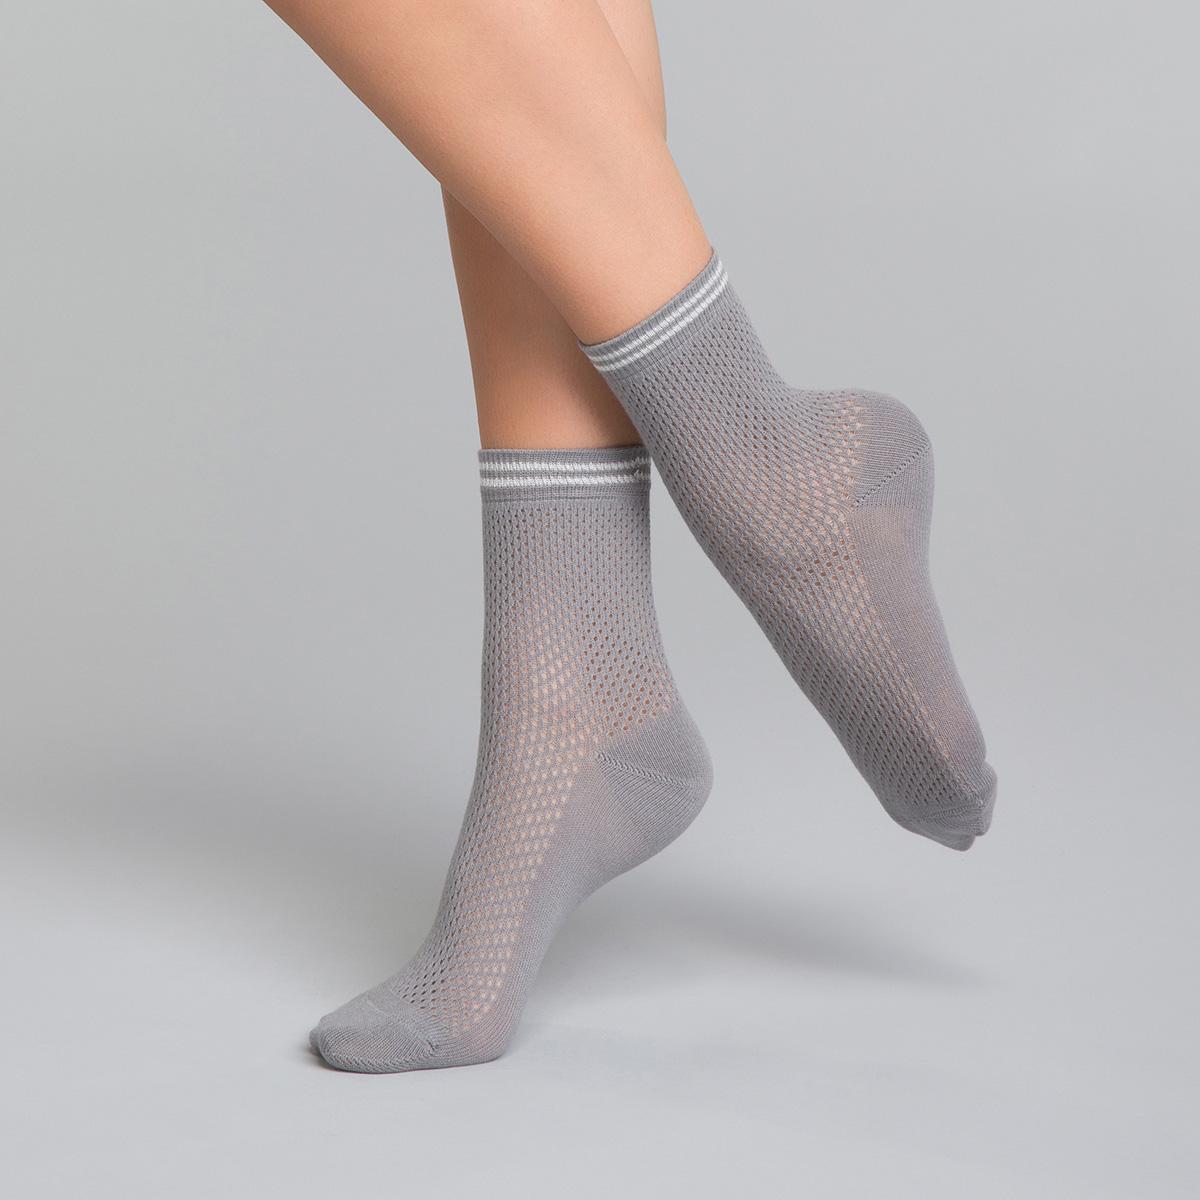 65223039d Calcetines estampados para mujeres | DIM.es